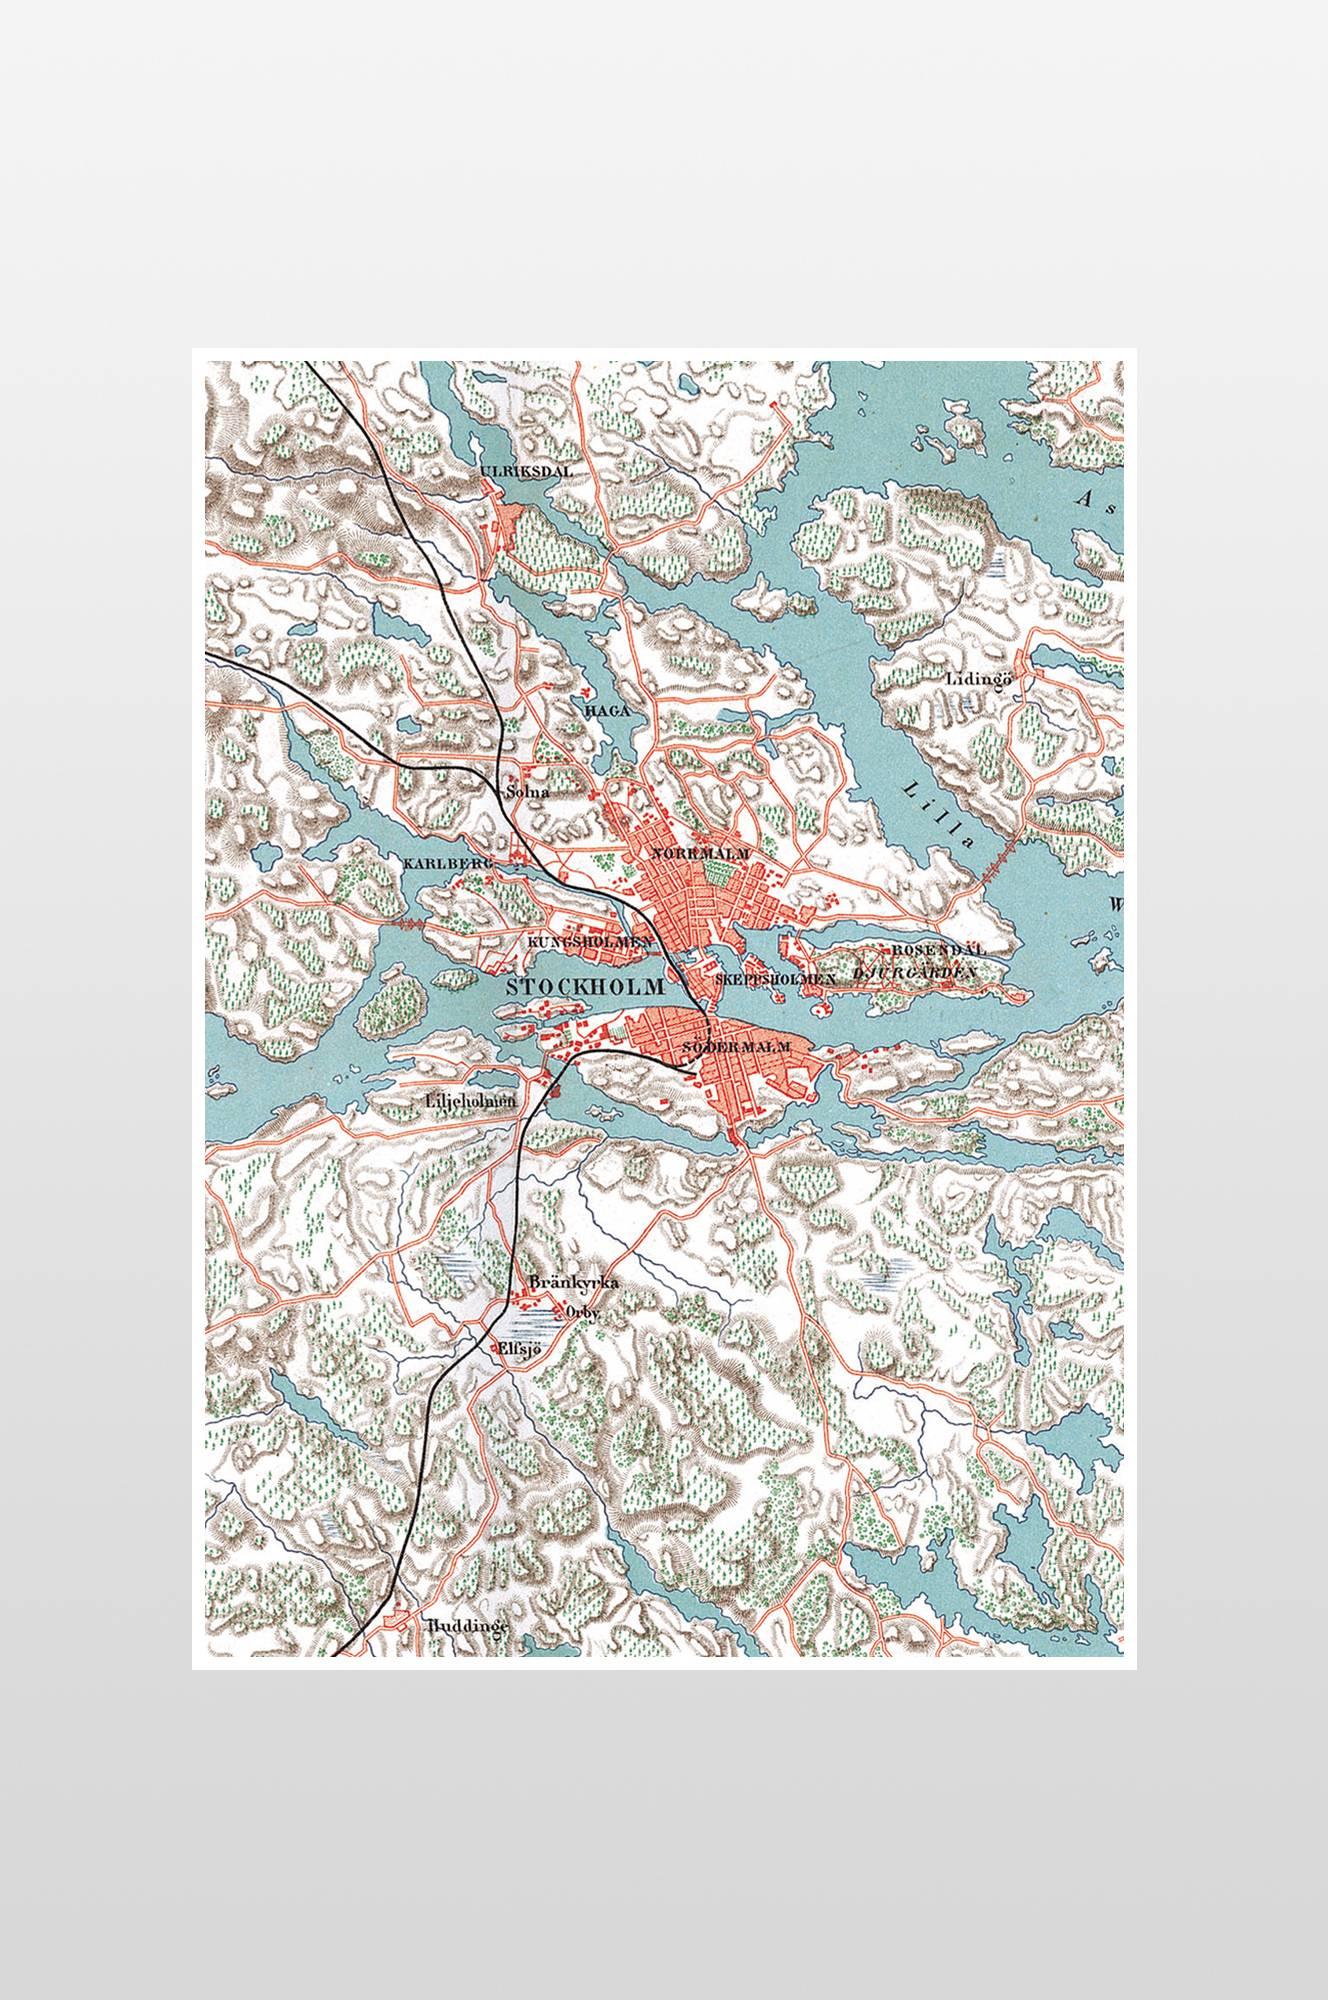 Stockholm-juliste 50x70 cm